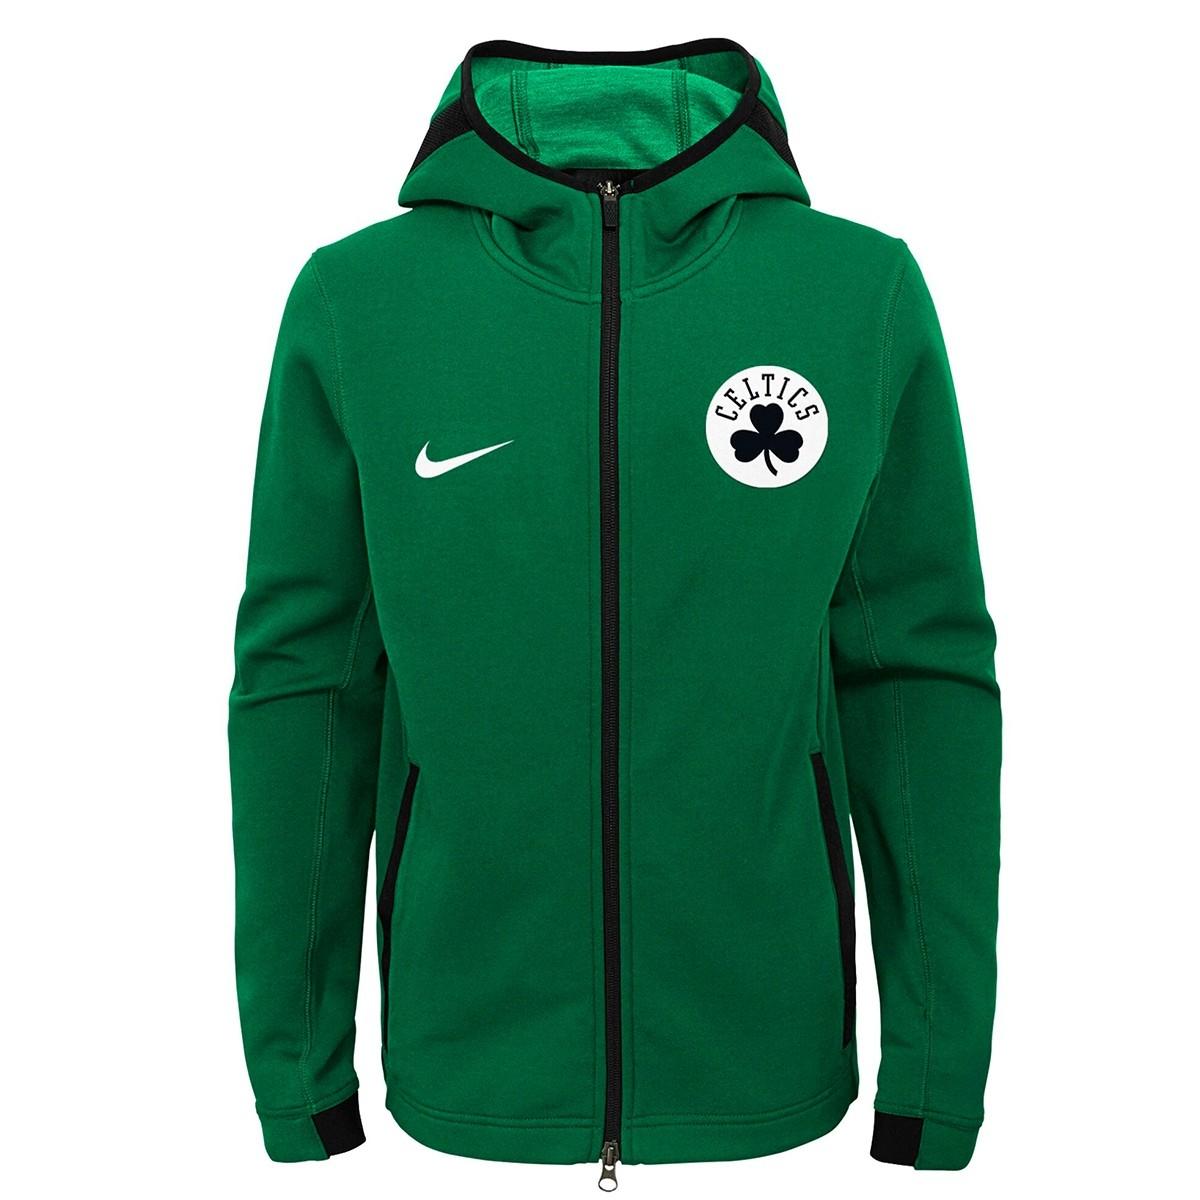 Nike Therma Flex Showtime Jr 'Celtics'